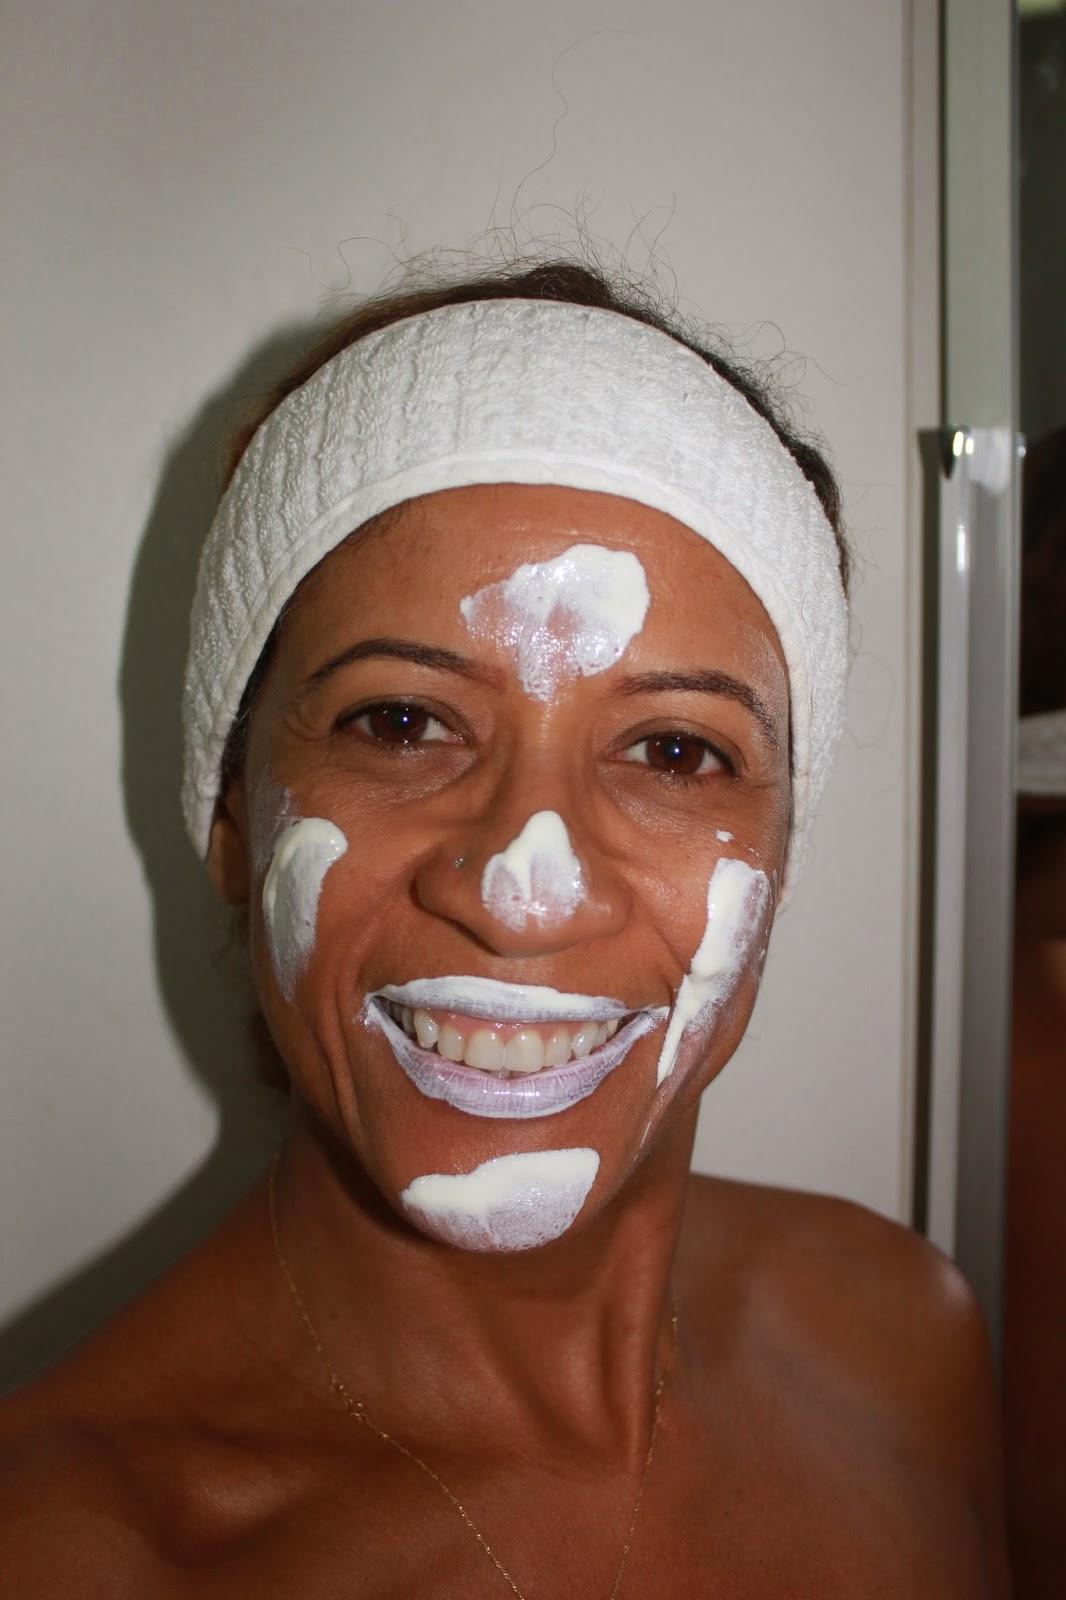 mascara+milagrosa+por+Gracyjony+nascimento+www.mulatadourada.com.br